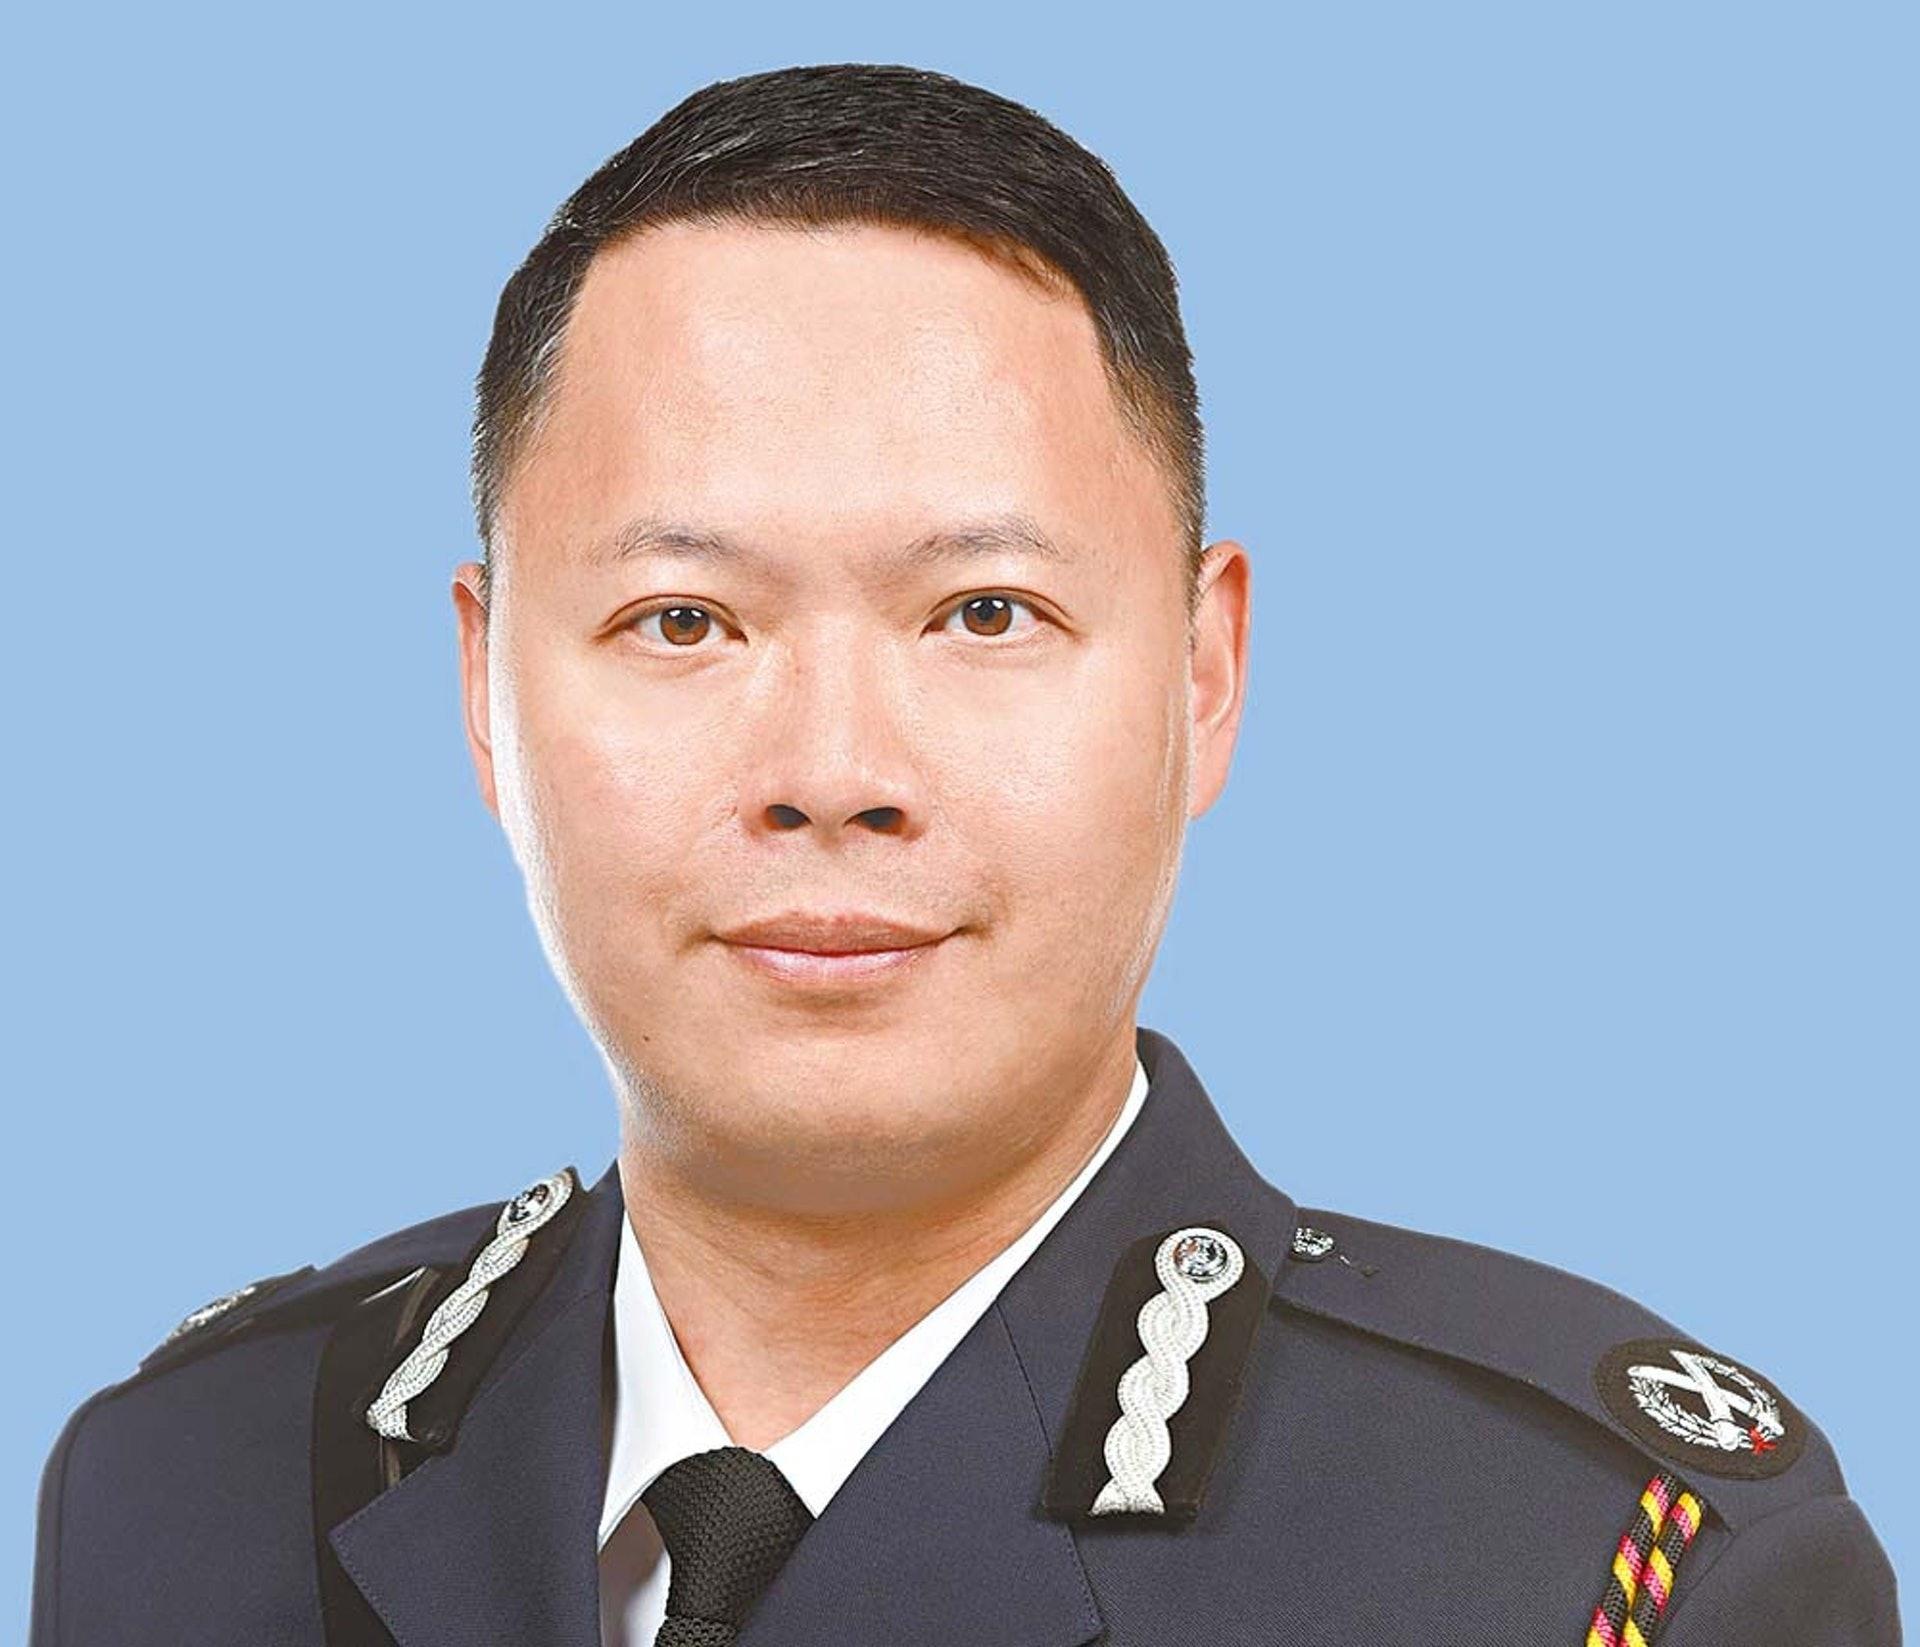 副手會是長期任職保安部、剛升任高級助理處長的蔡展鵬(警聲圖片)